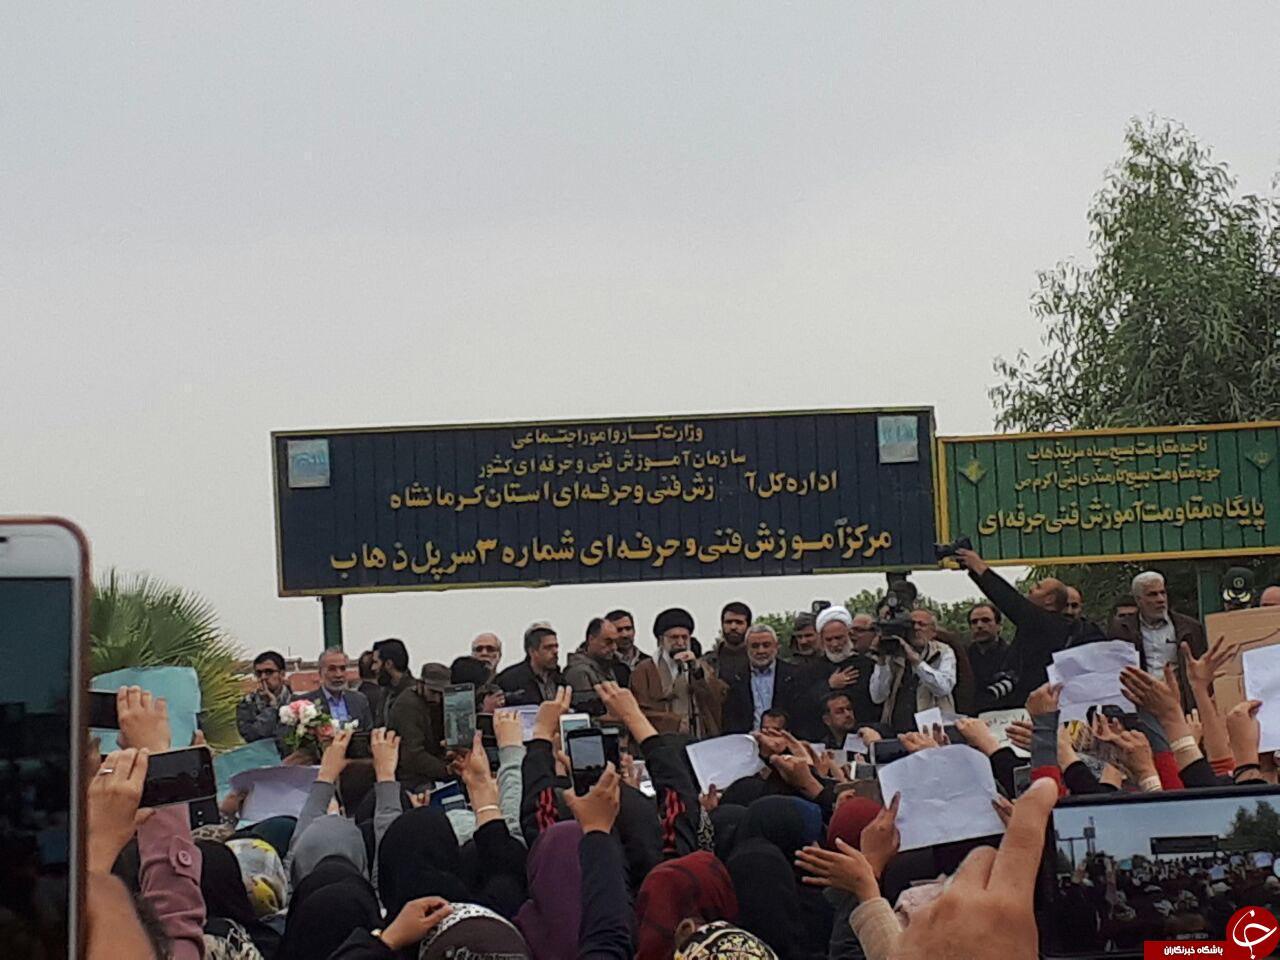 نخستین تصویر از حضور رهبر انقلاب در مناطق زلزله زده کرمانشاه